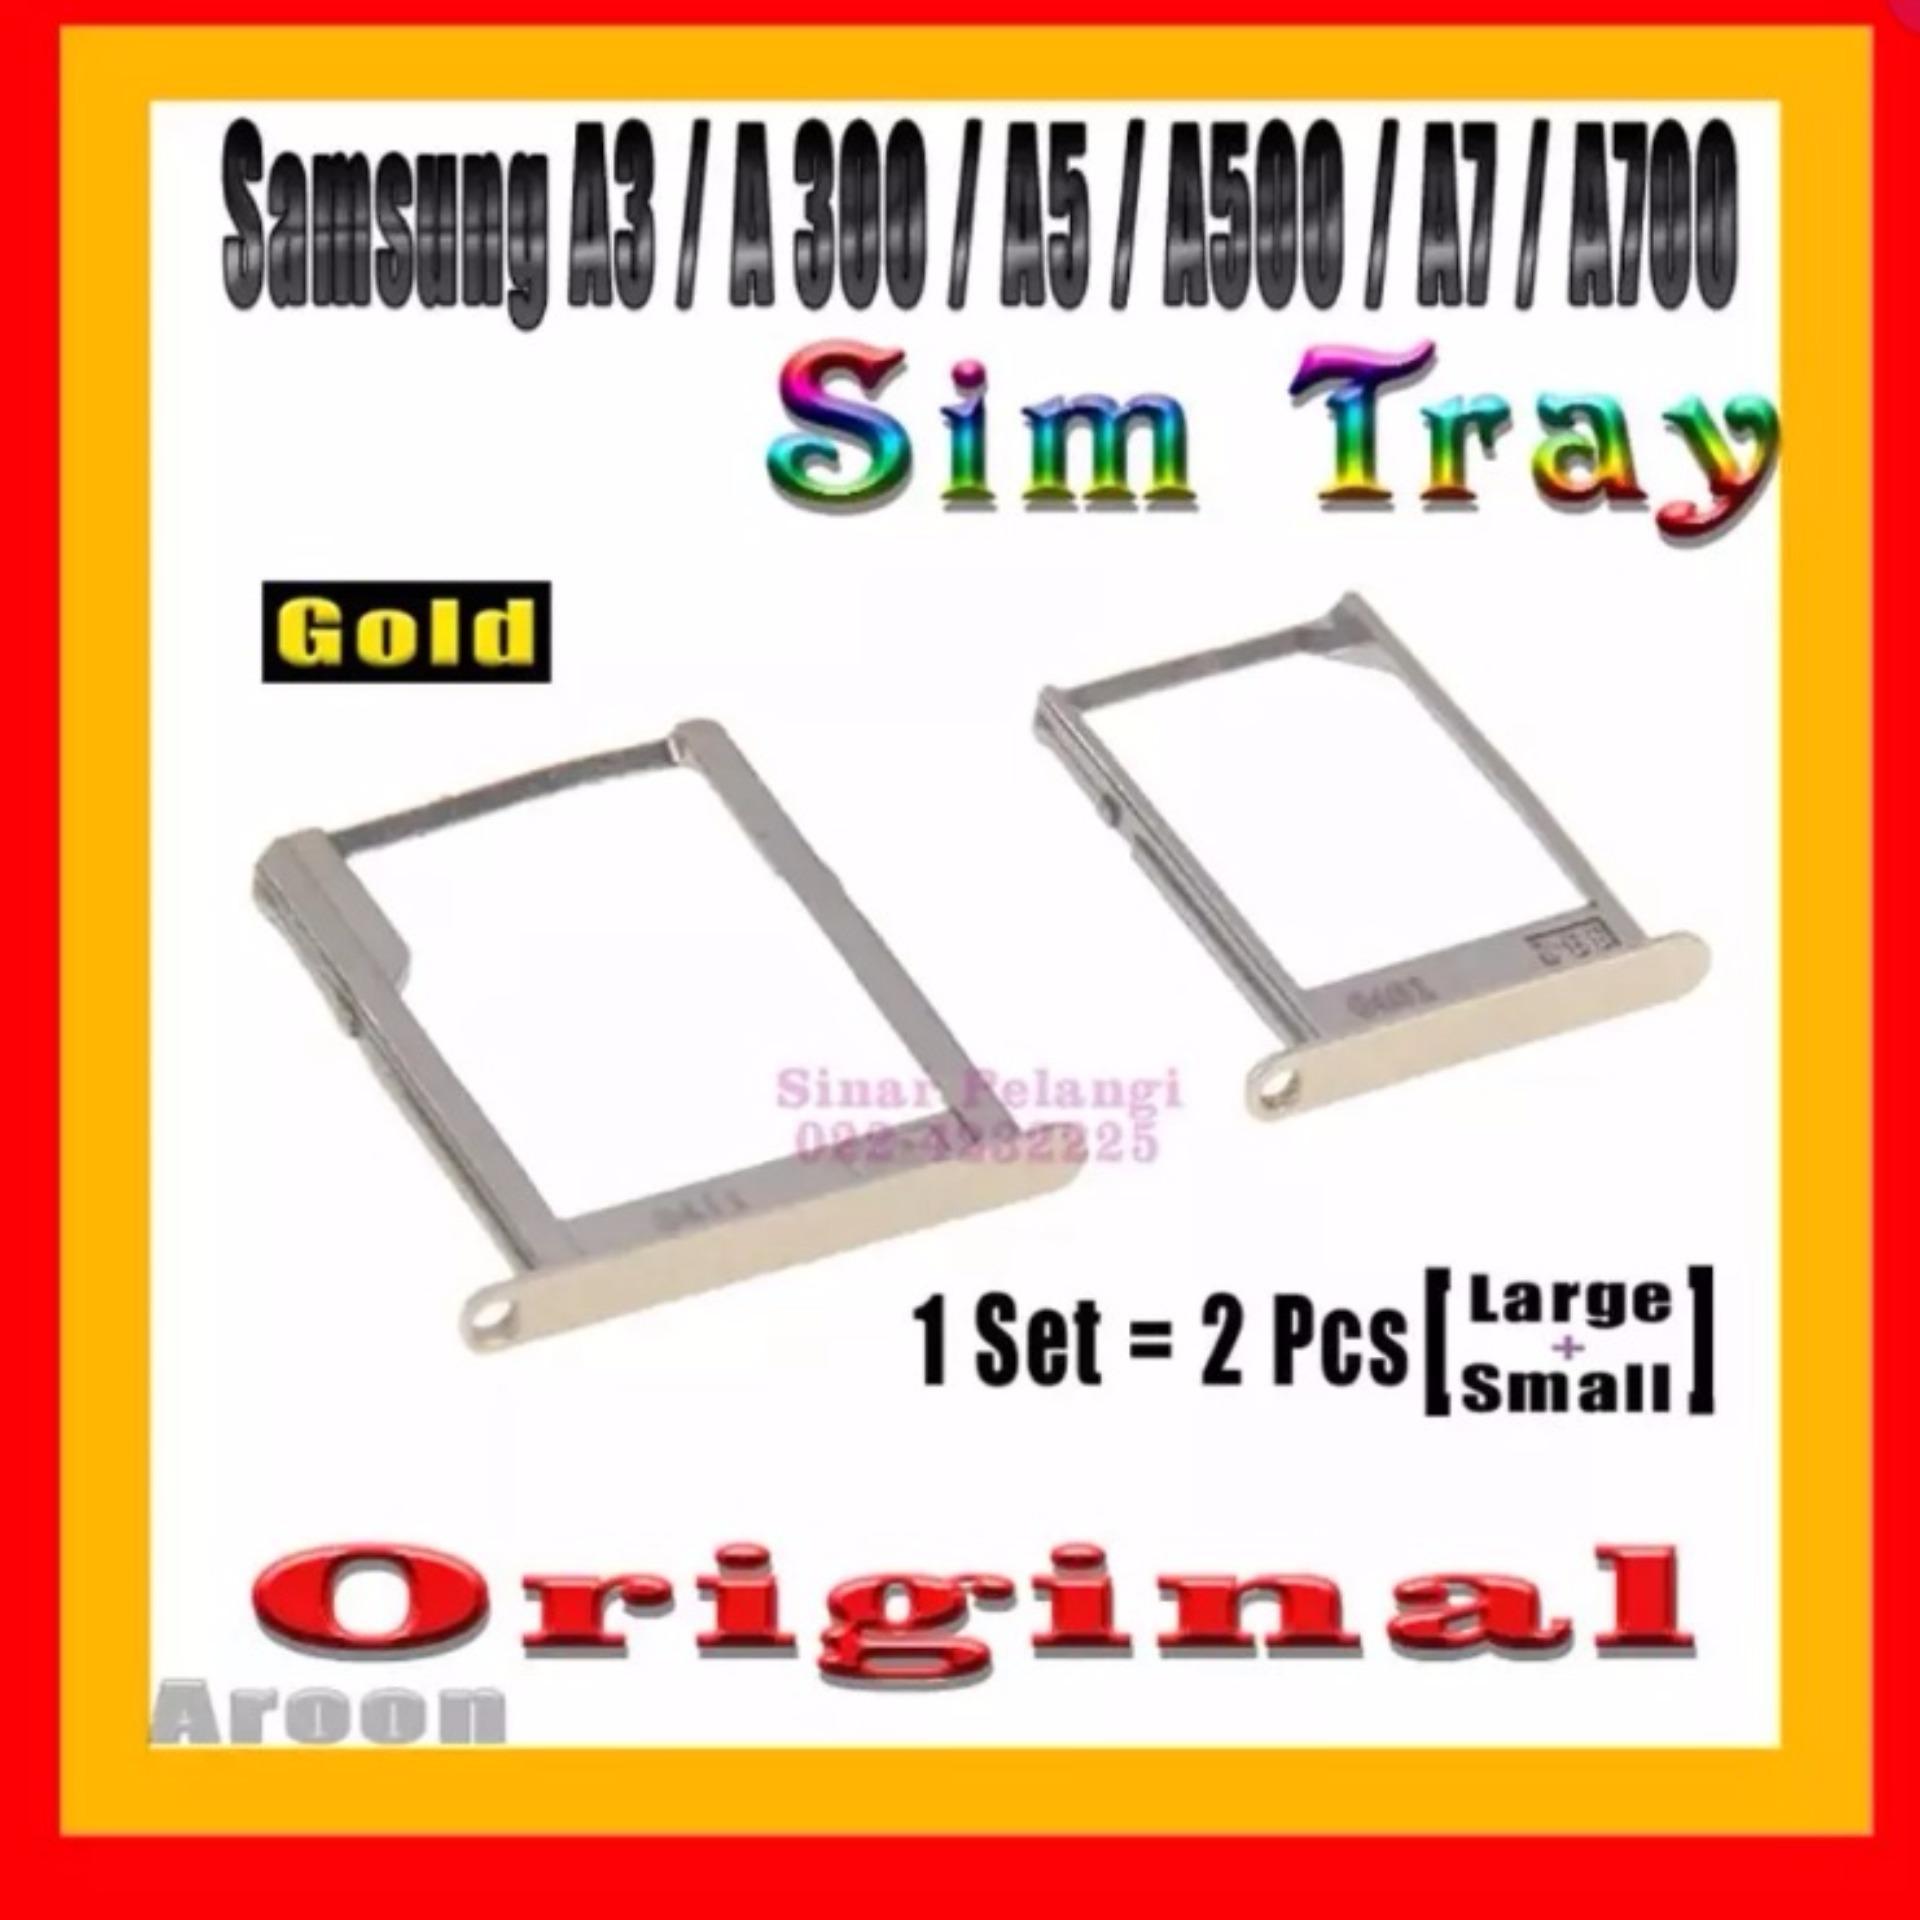 Nossy 3in1 Sim Card Adapter Tray Holder Conventer Noosy 3 In 1 Nano Micro Standart Tempat Samsung A300 A3 A500 A5 A700 A7 Gold Simlock Original 907258